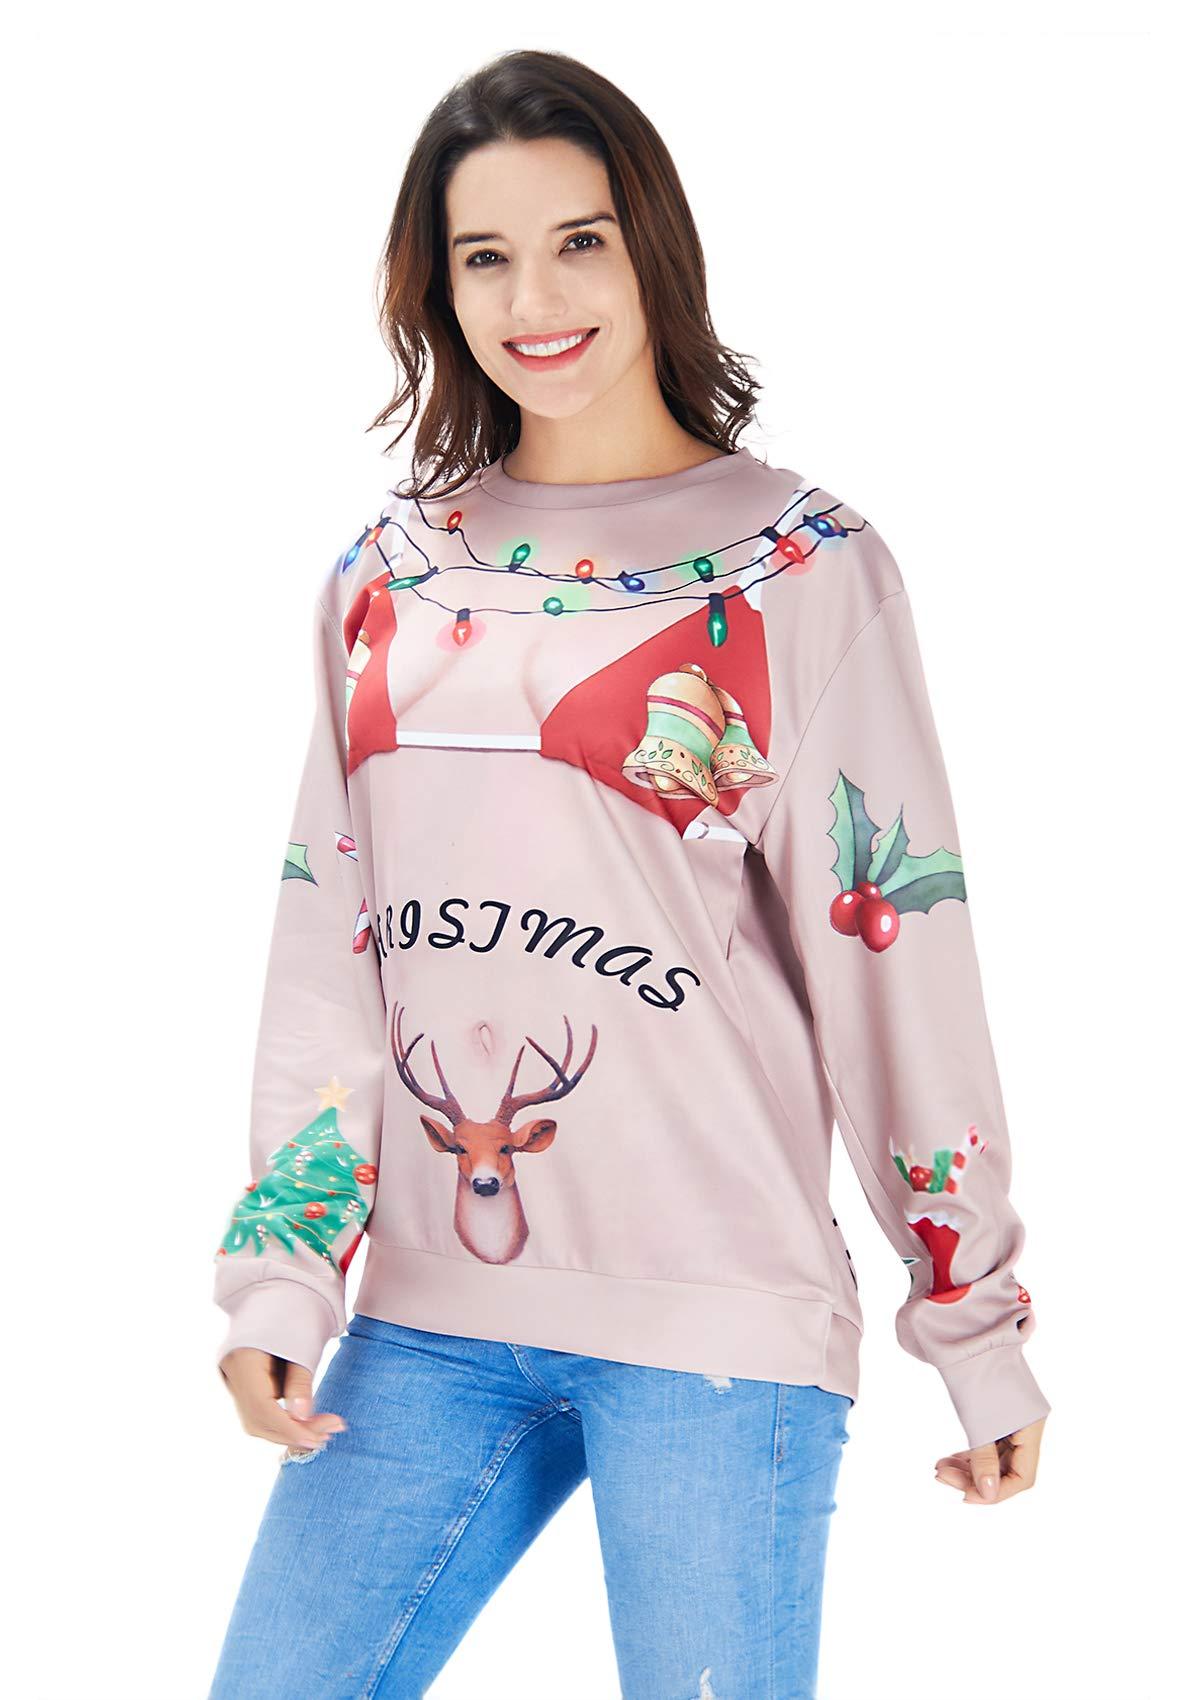 RAISEVERN Santa 3D lustige Bikinis Drucken hässlich Christmas Sweater Lange Ärmel Pullover Tops für Teens